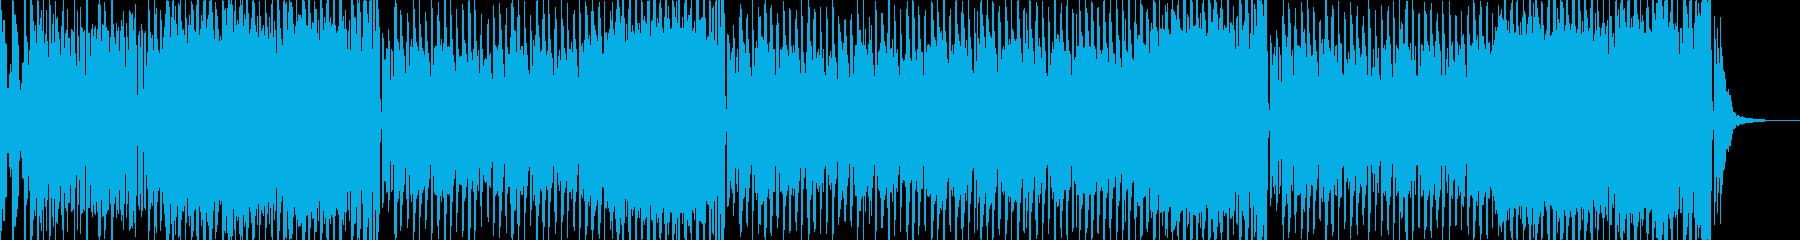 子供番組の体操BGMの再生済みの波形